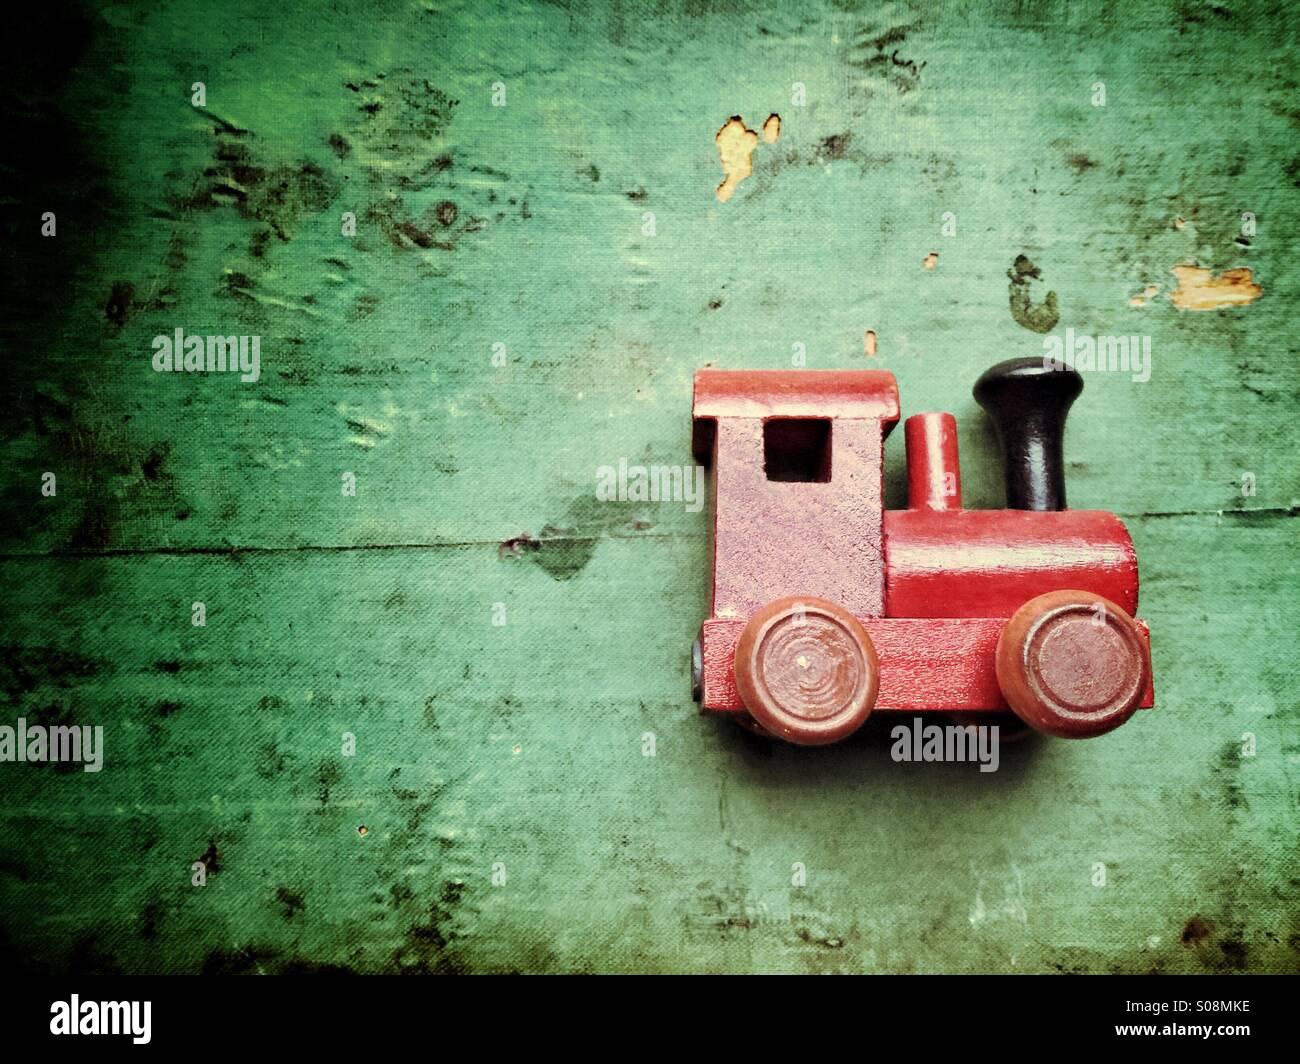 Vintage juguete tren de madera Imagen De Stock